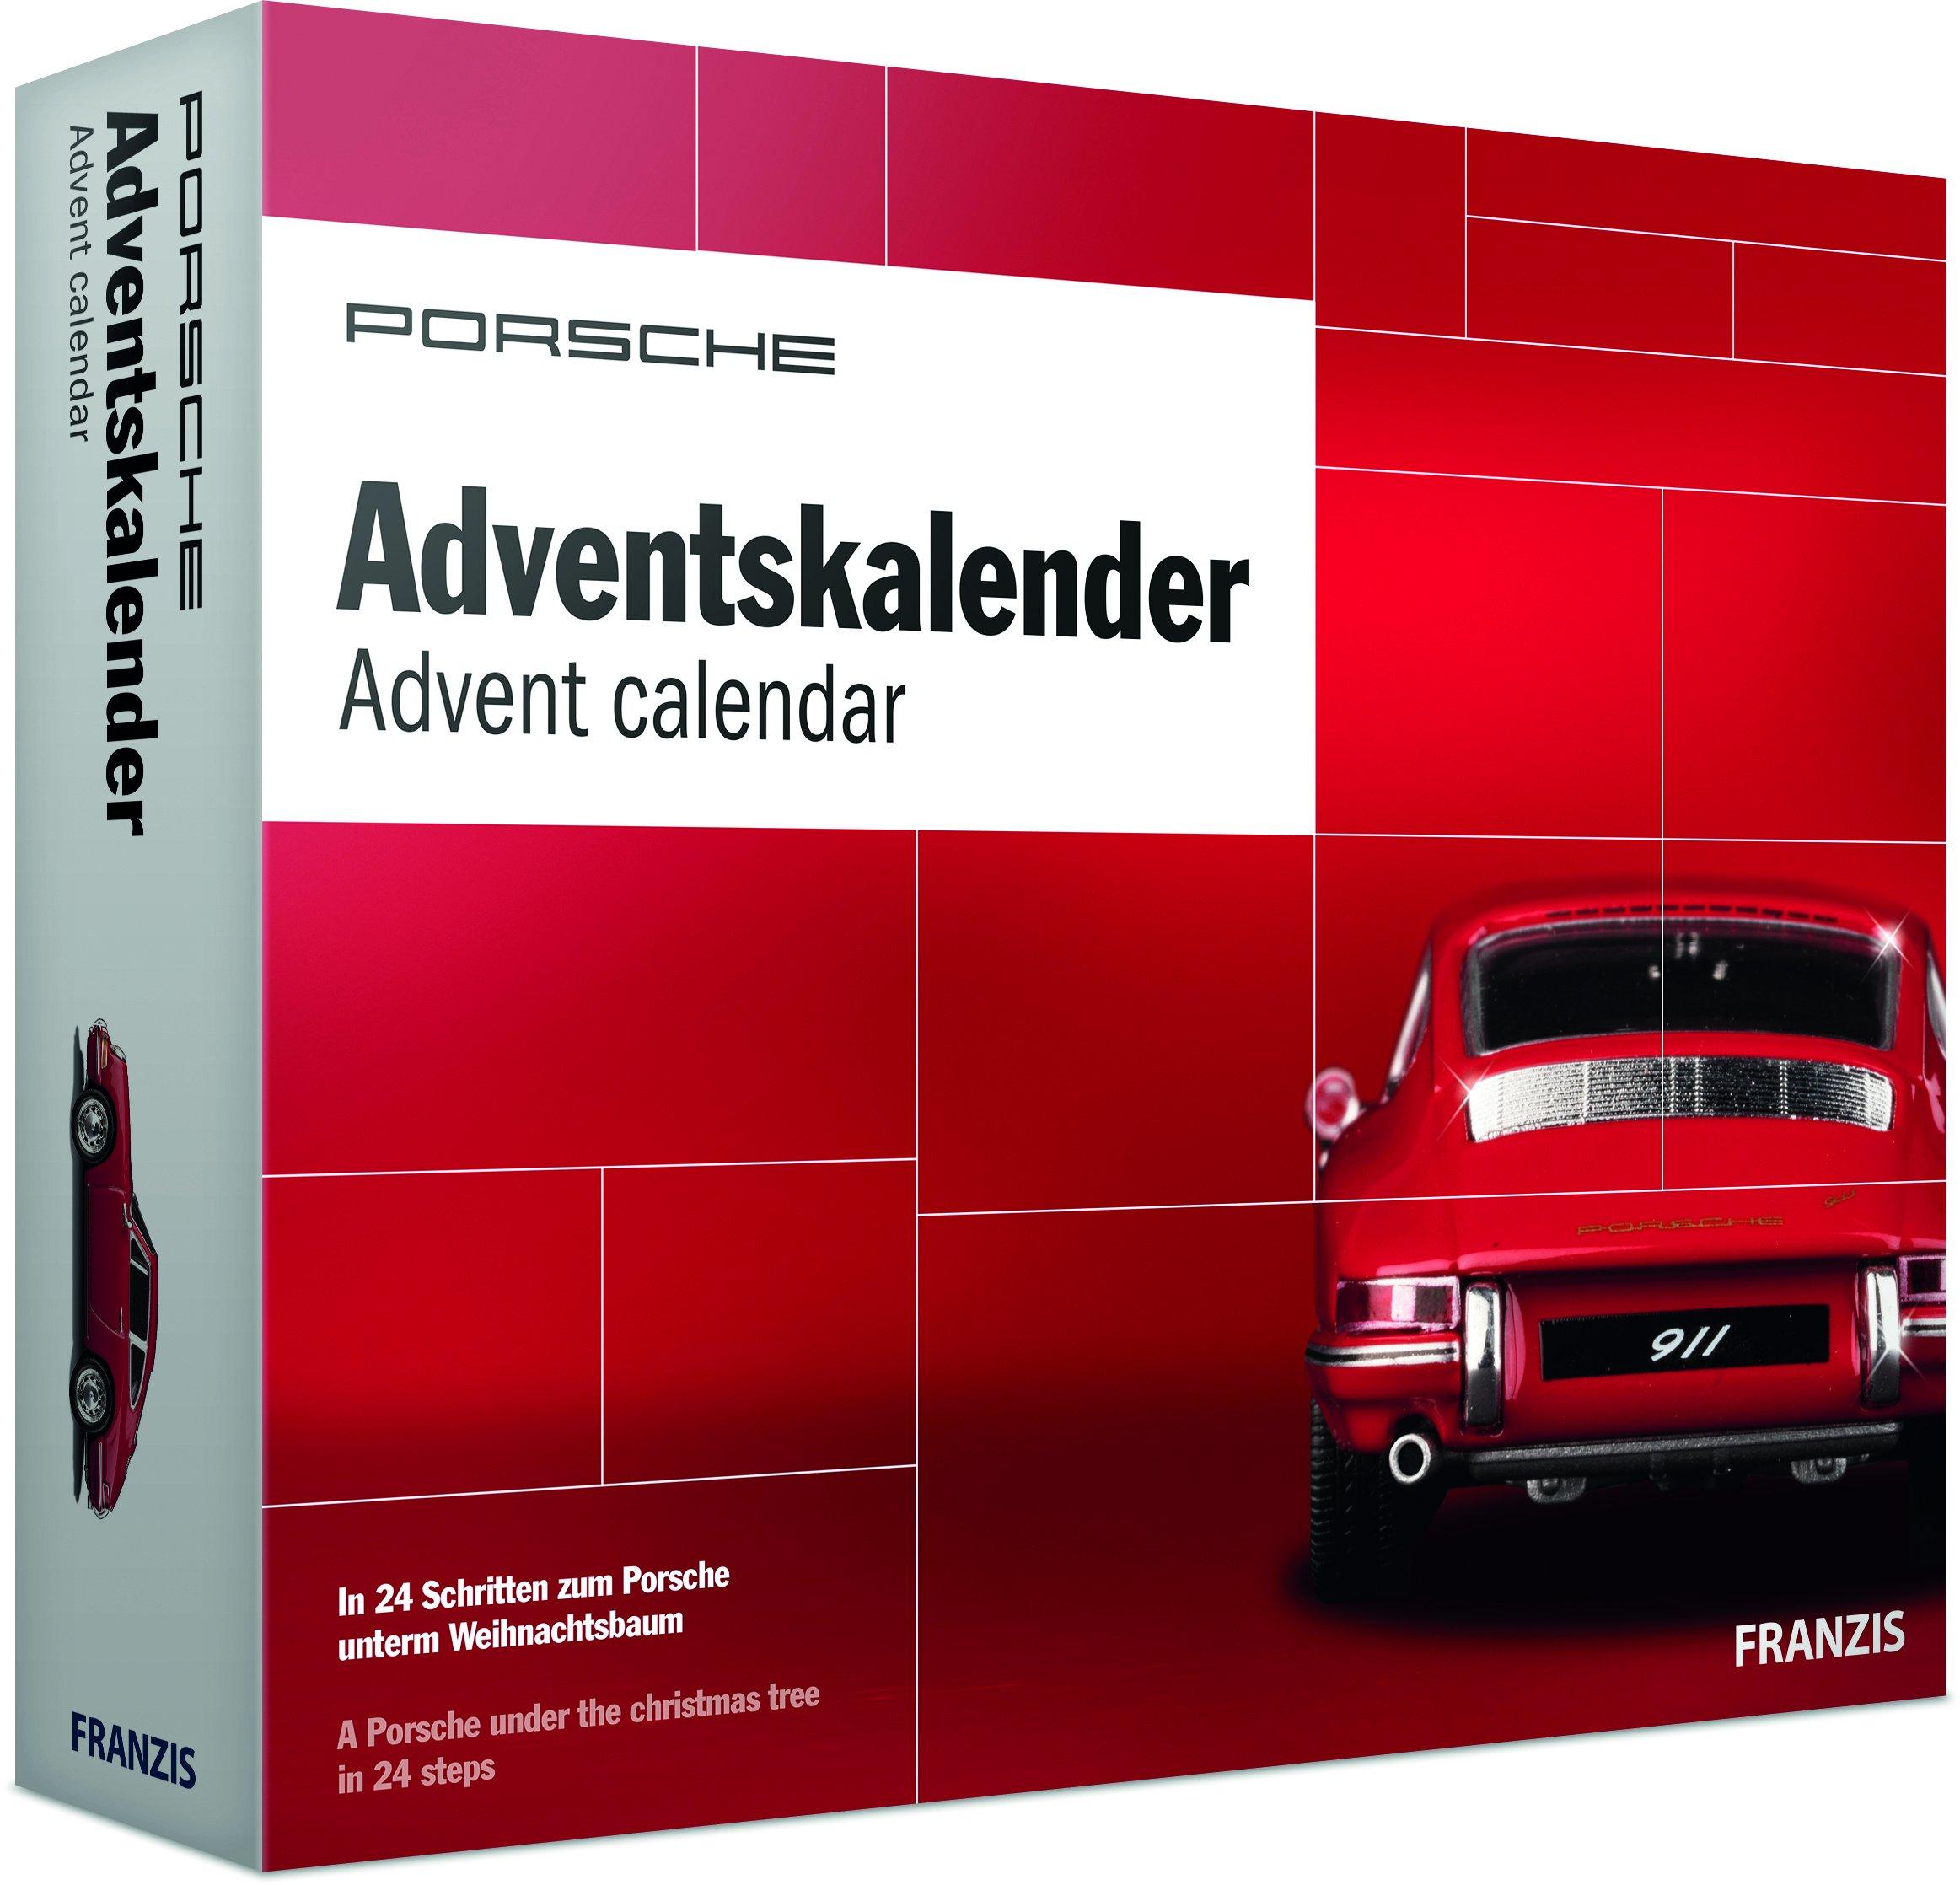 PORSCHE Adventskalender 2018 | In 24 Schritten zum Porsche Modellauto unterm Weihnachtsbaum | Ab 14 Jahren Kalender – 27. August 2018 PORSCHE Museum FRANZIS Verlag GmbH B07B12HRG6 67028-1